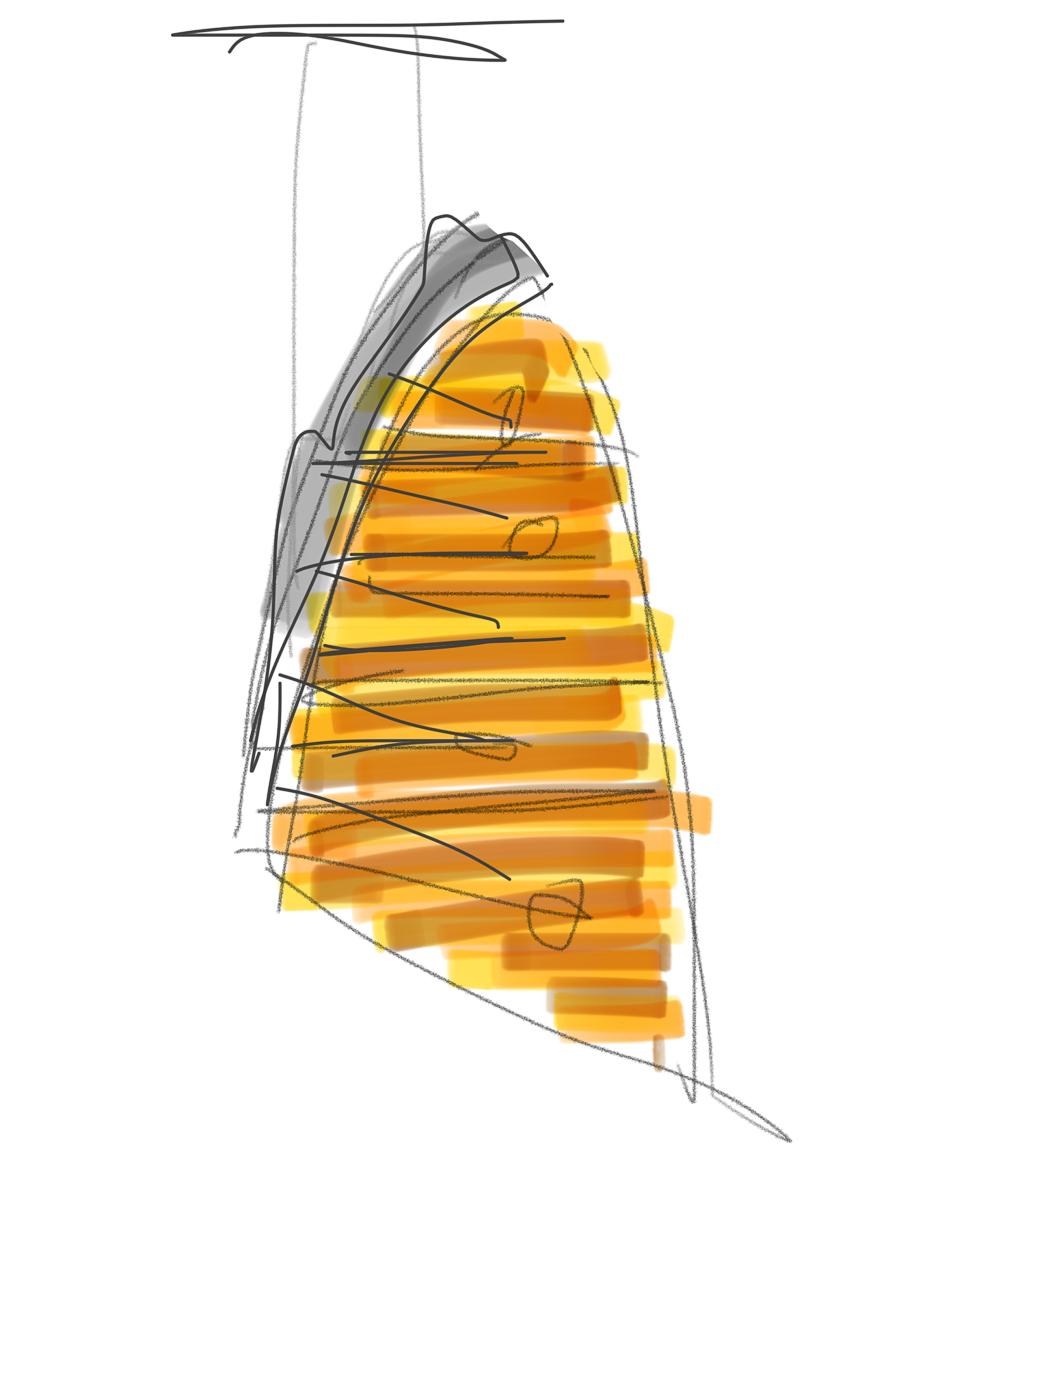 Sketch-285.jpg